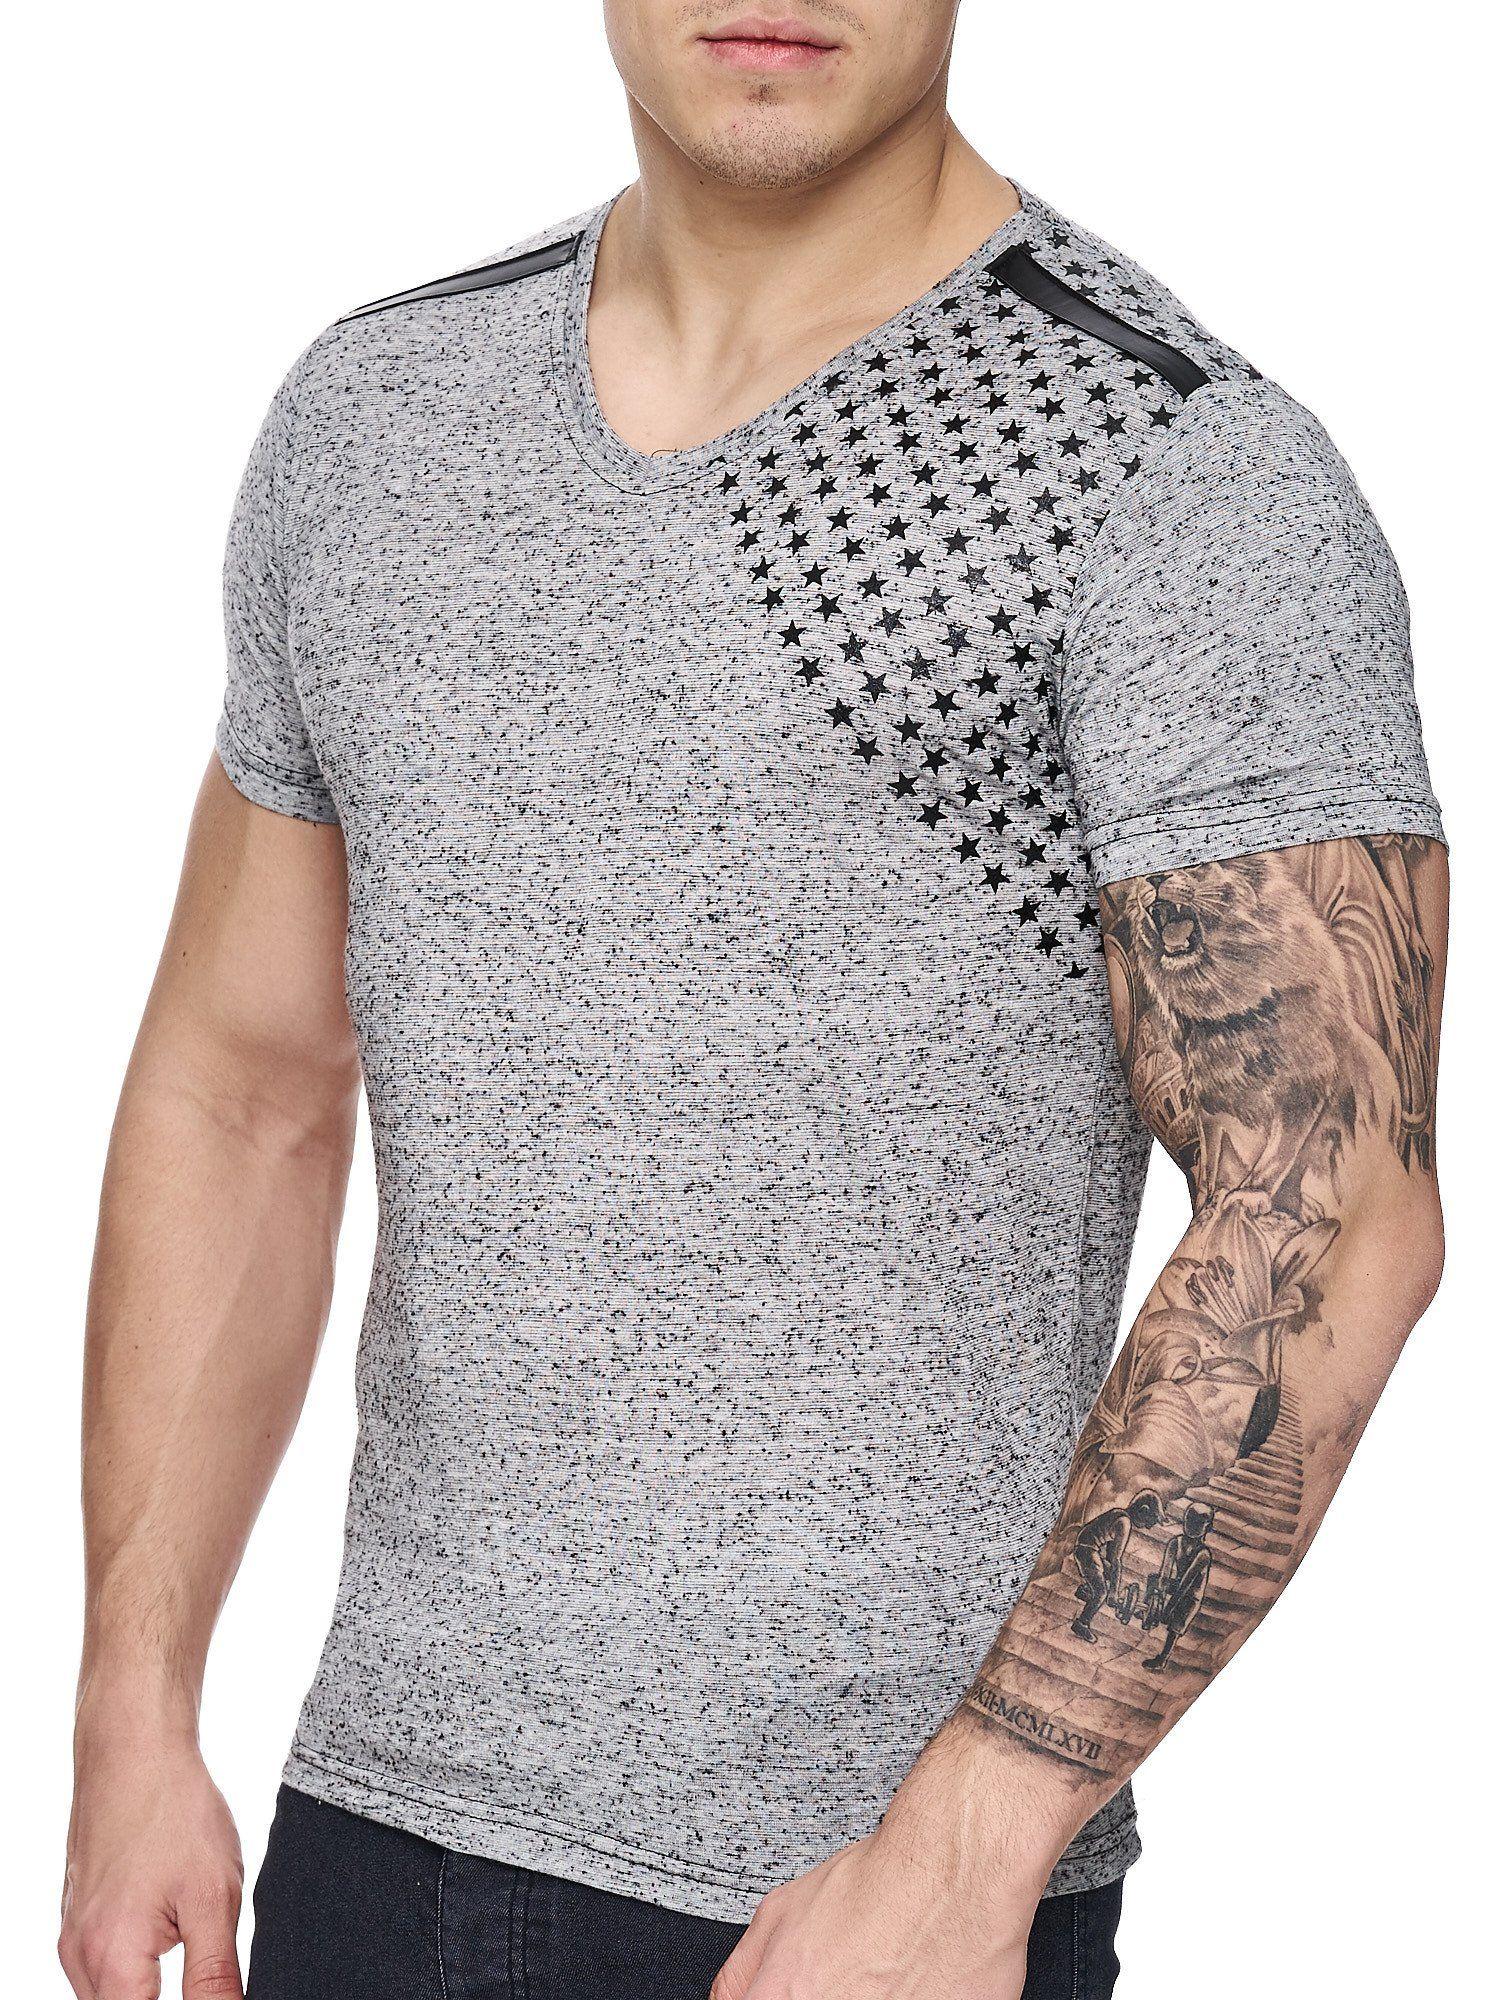 Kd men corner stars faux leather band vneck tshirt